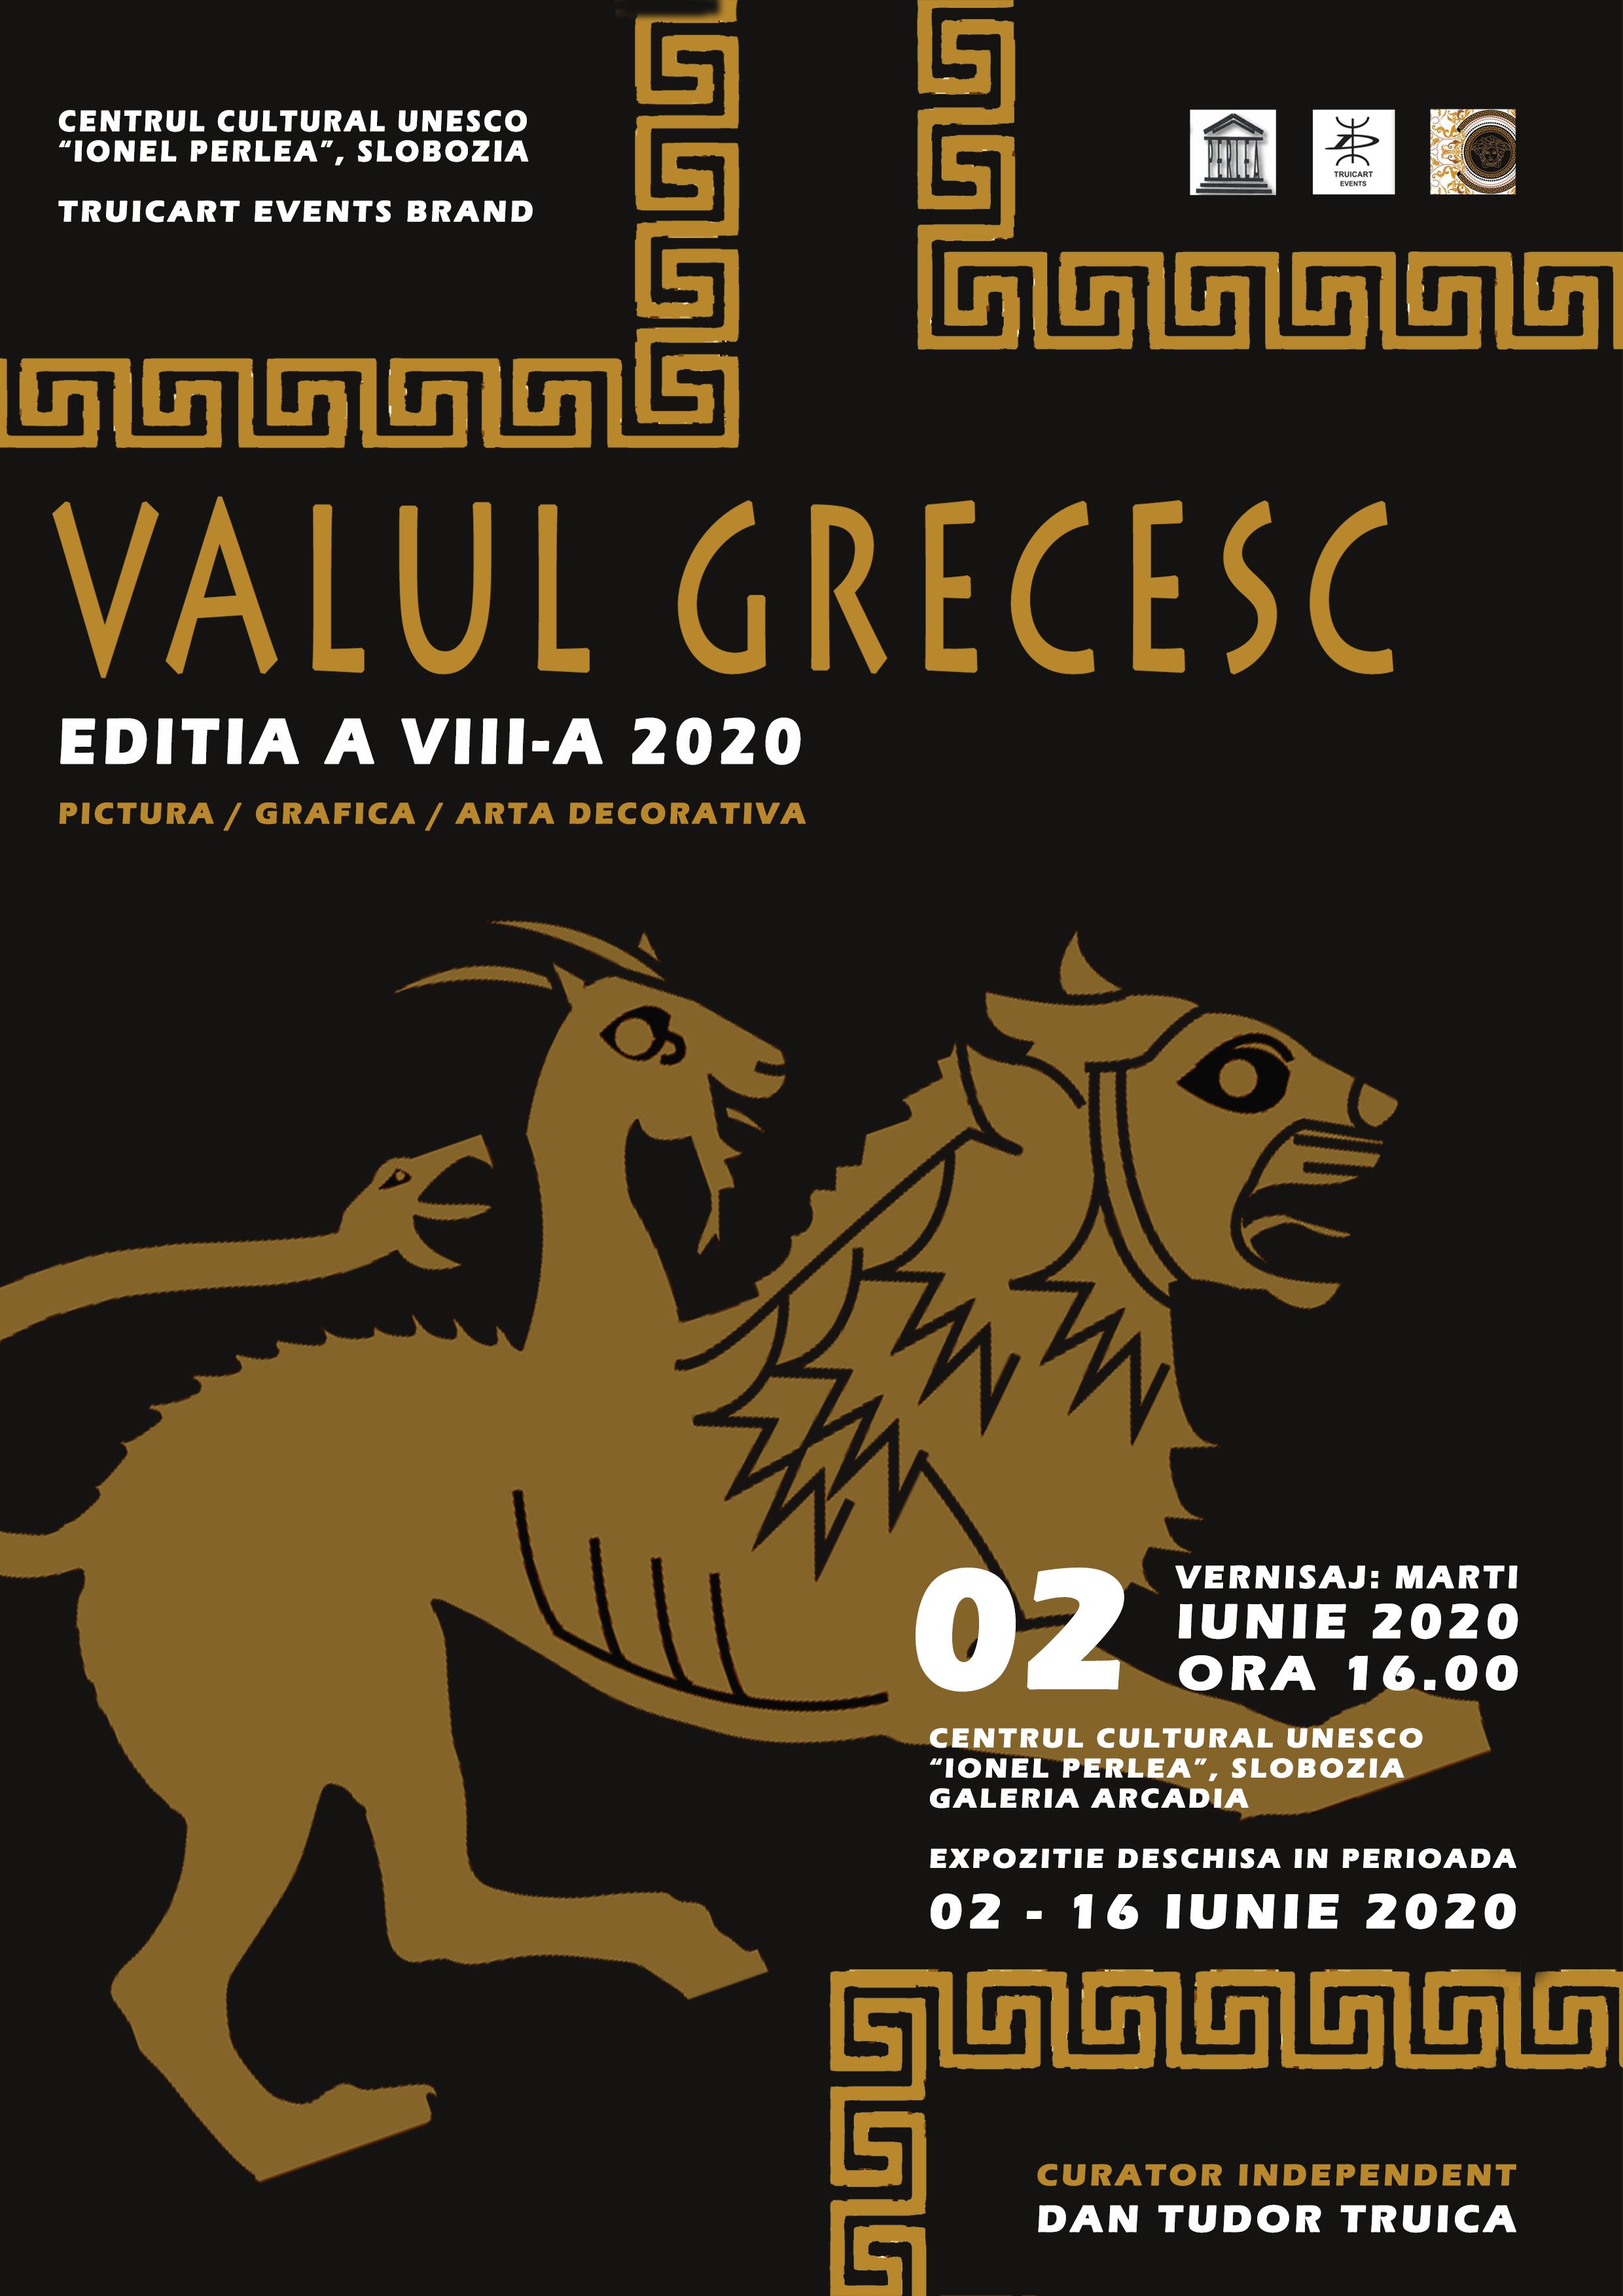 """Expoziţie de pictură ,, VALUL GRECESC"""", ediţia a VIII-a, 2 iunie 2020"""